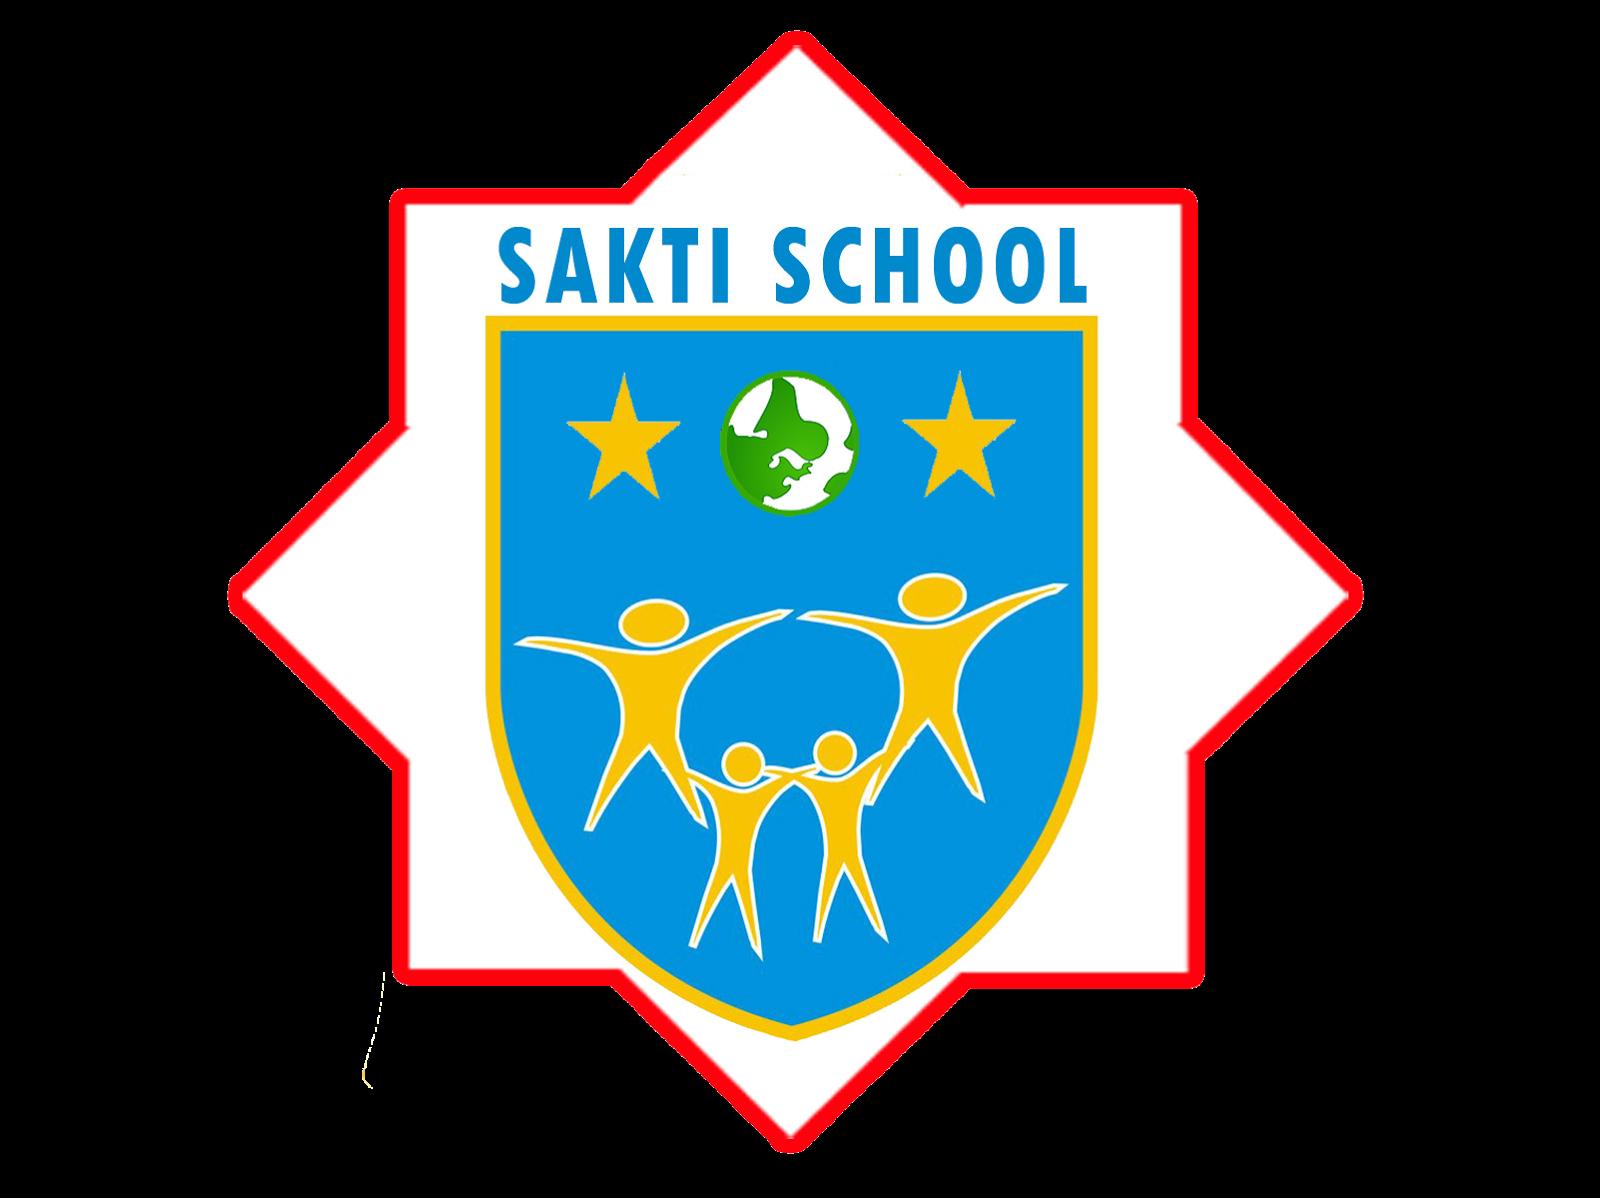 LOGO SMK SAKTI SCHOOL